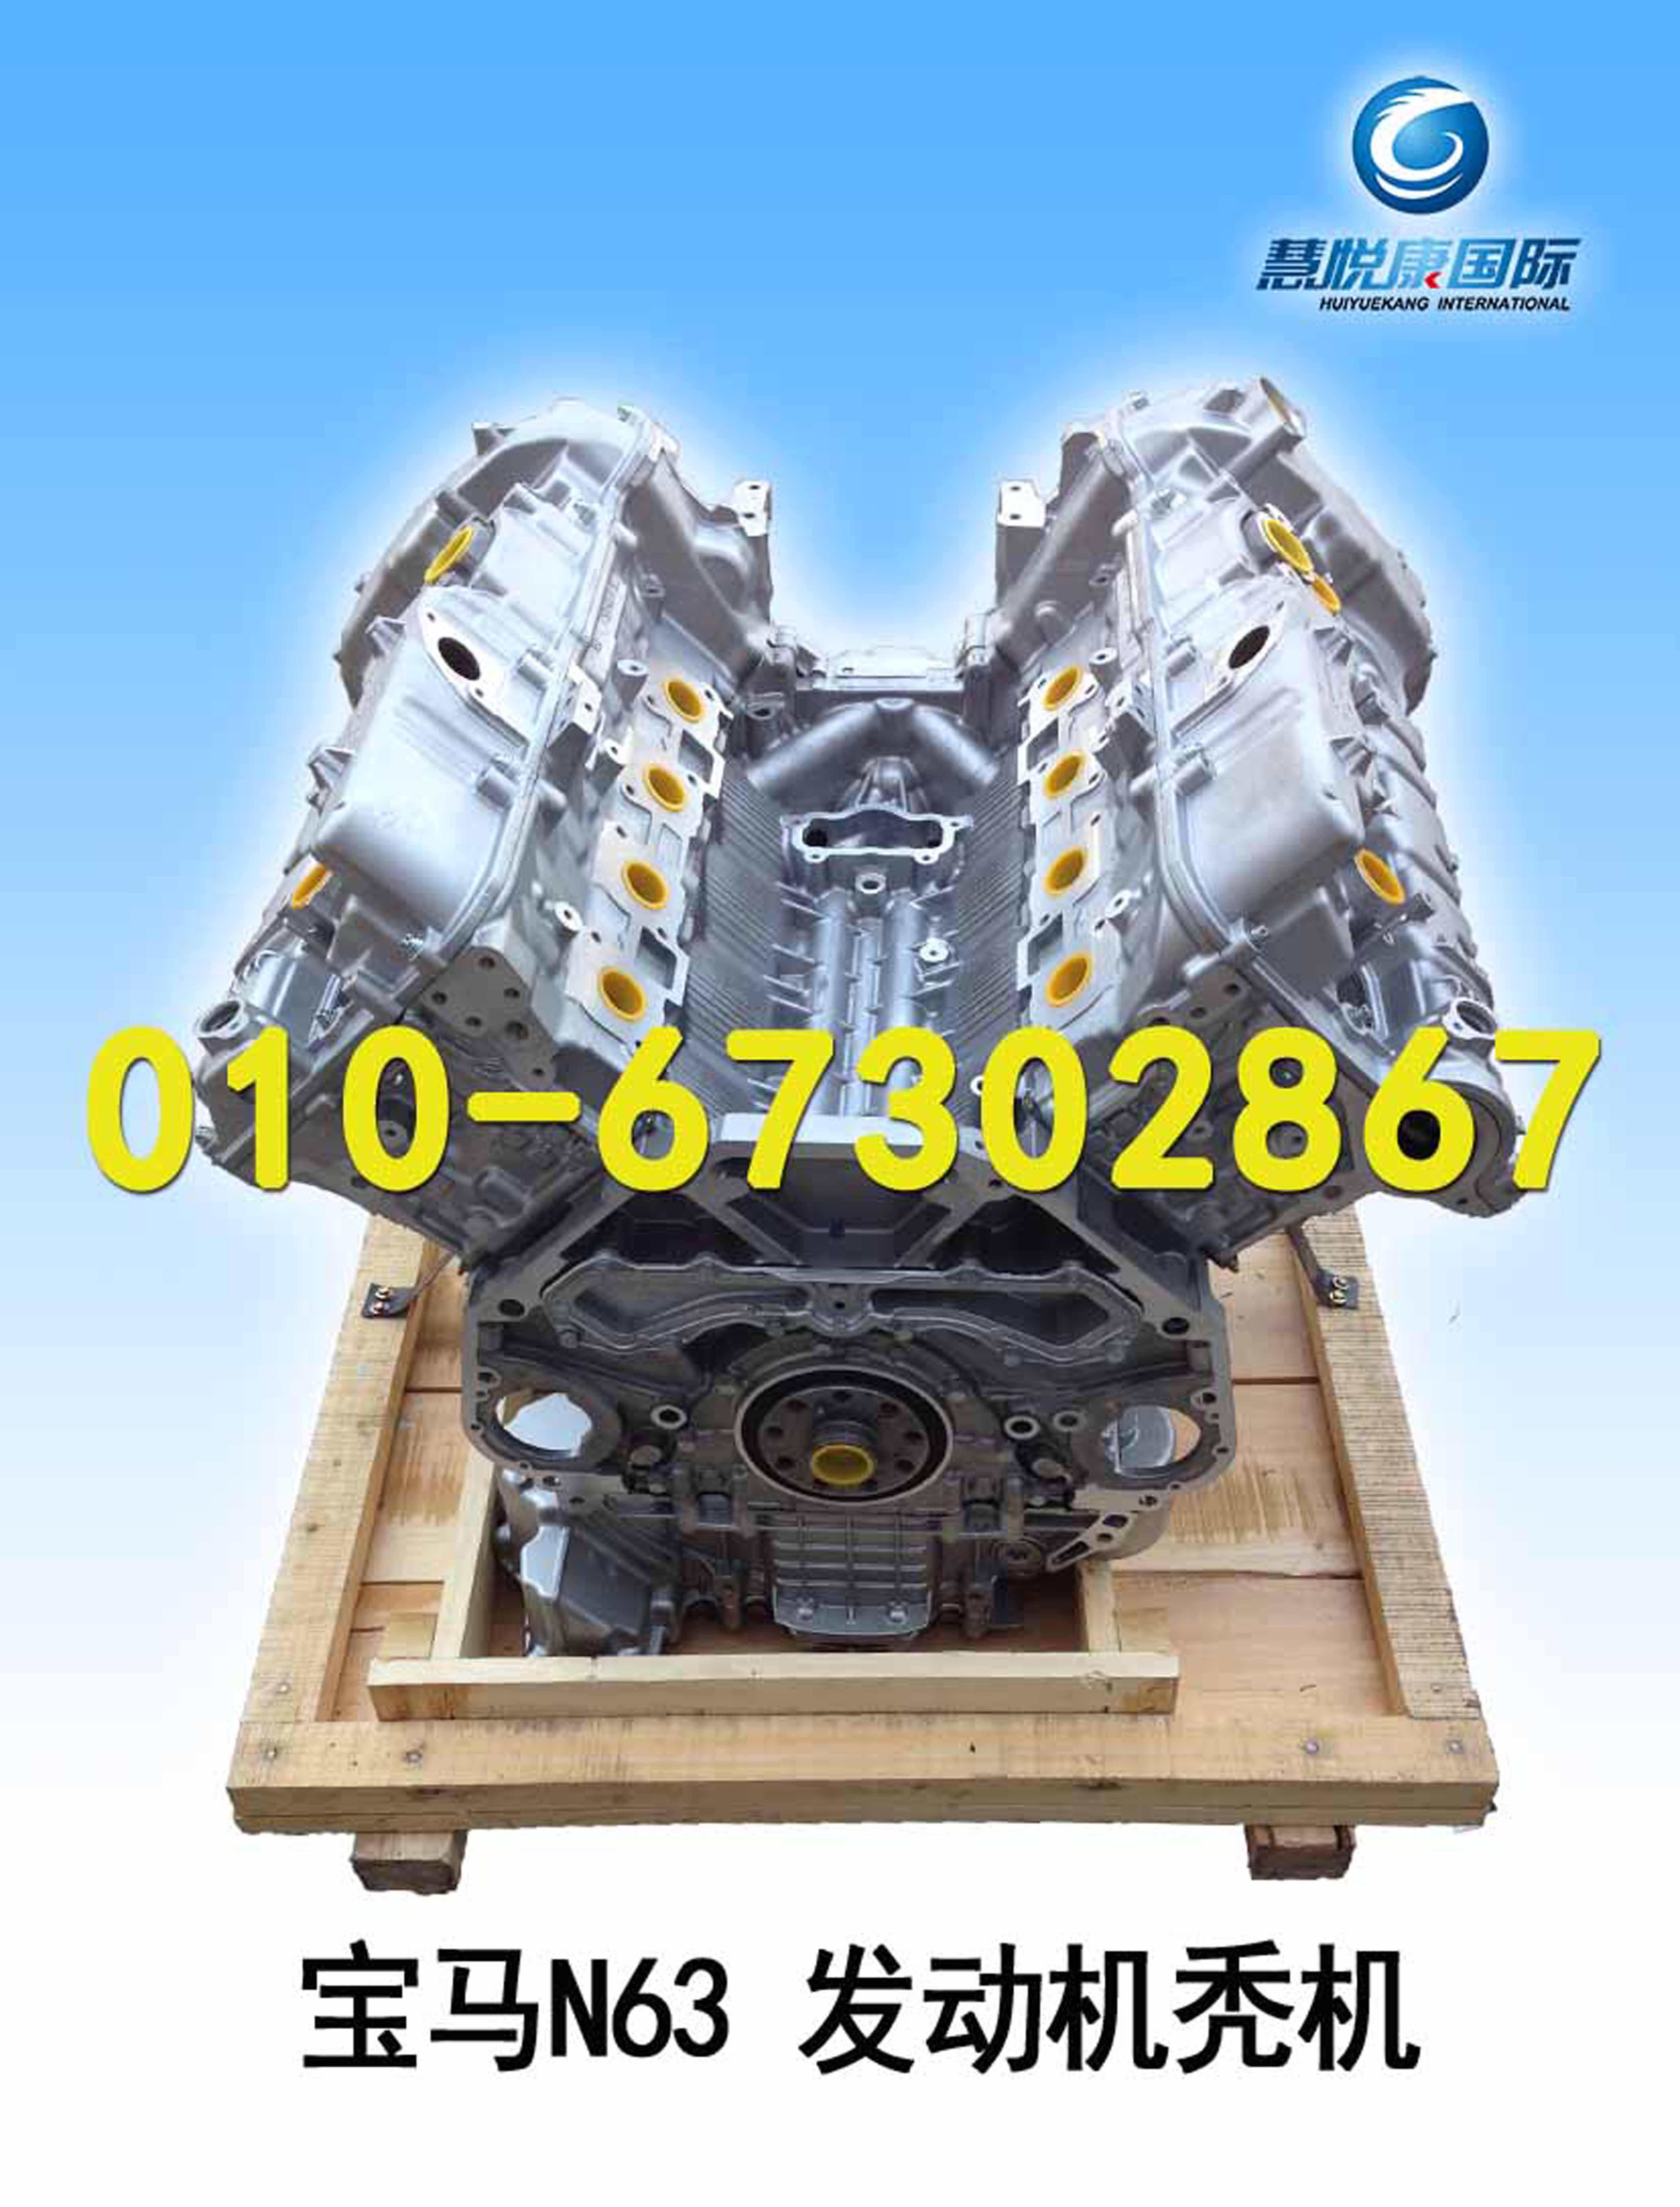 宝马n63发动机 发动机总成价格